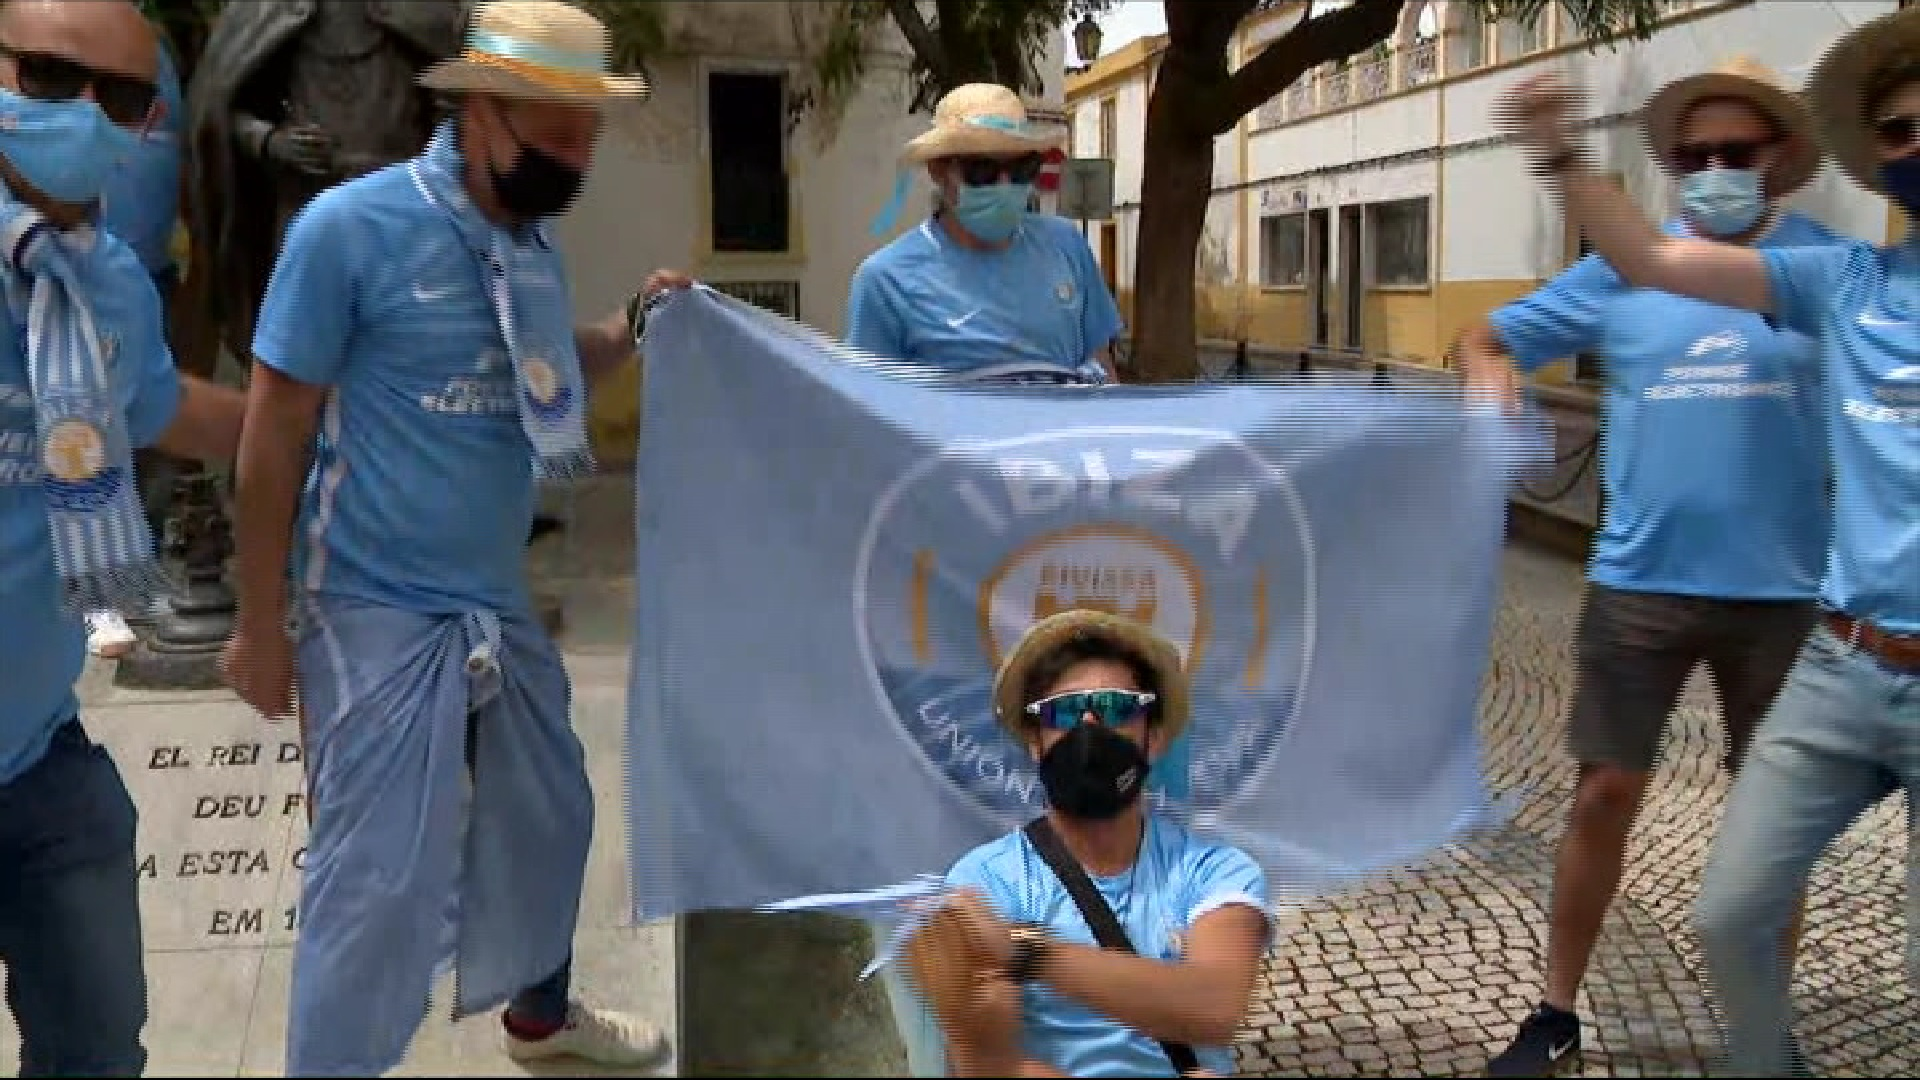 Arriben+a+Elvas+i+Badajoz+les+veus+blau+cel+que+somien+amb+un+ascens+memorable